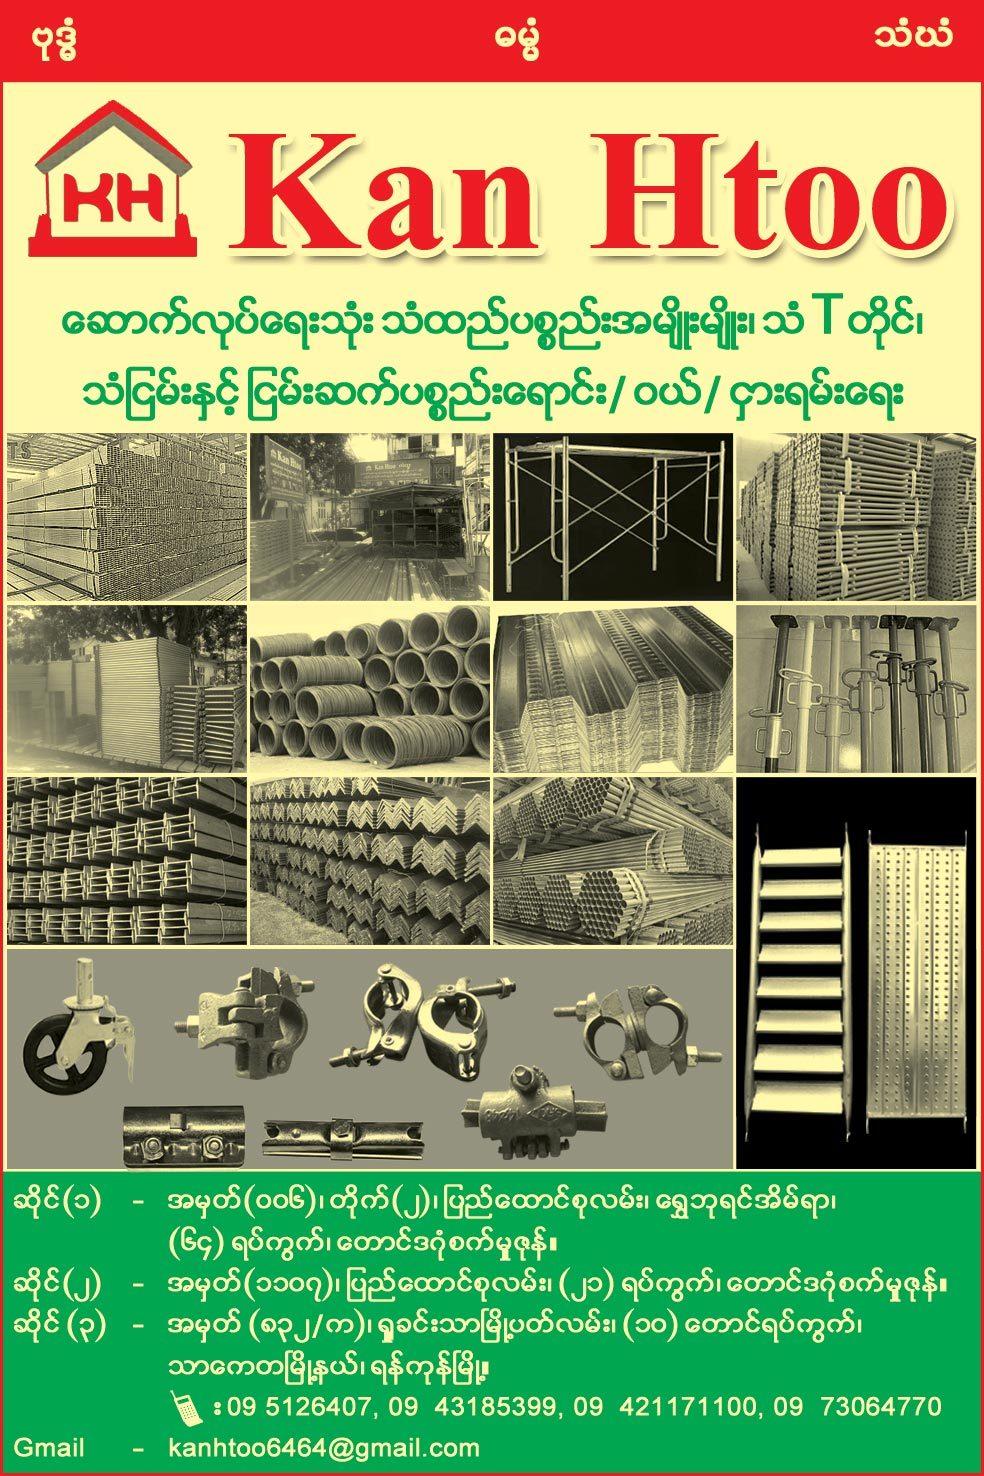 Kan-Htoo_Hardware-Merchant-Ironmongers_(B)_500.jpg